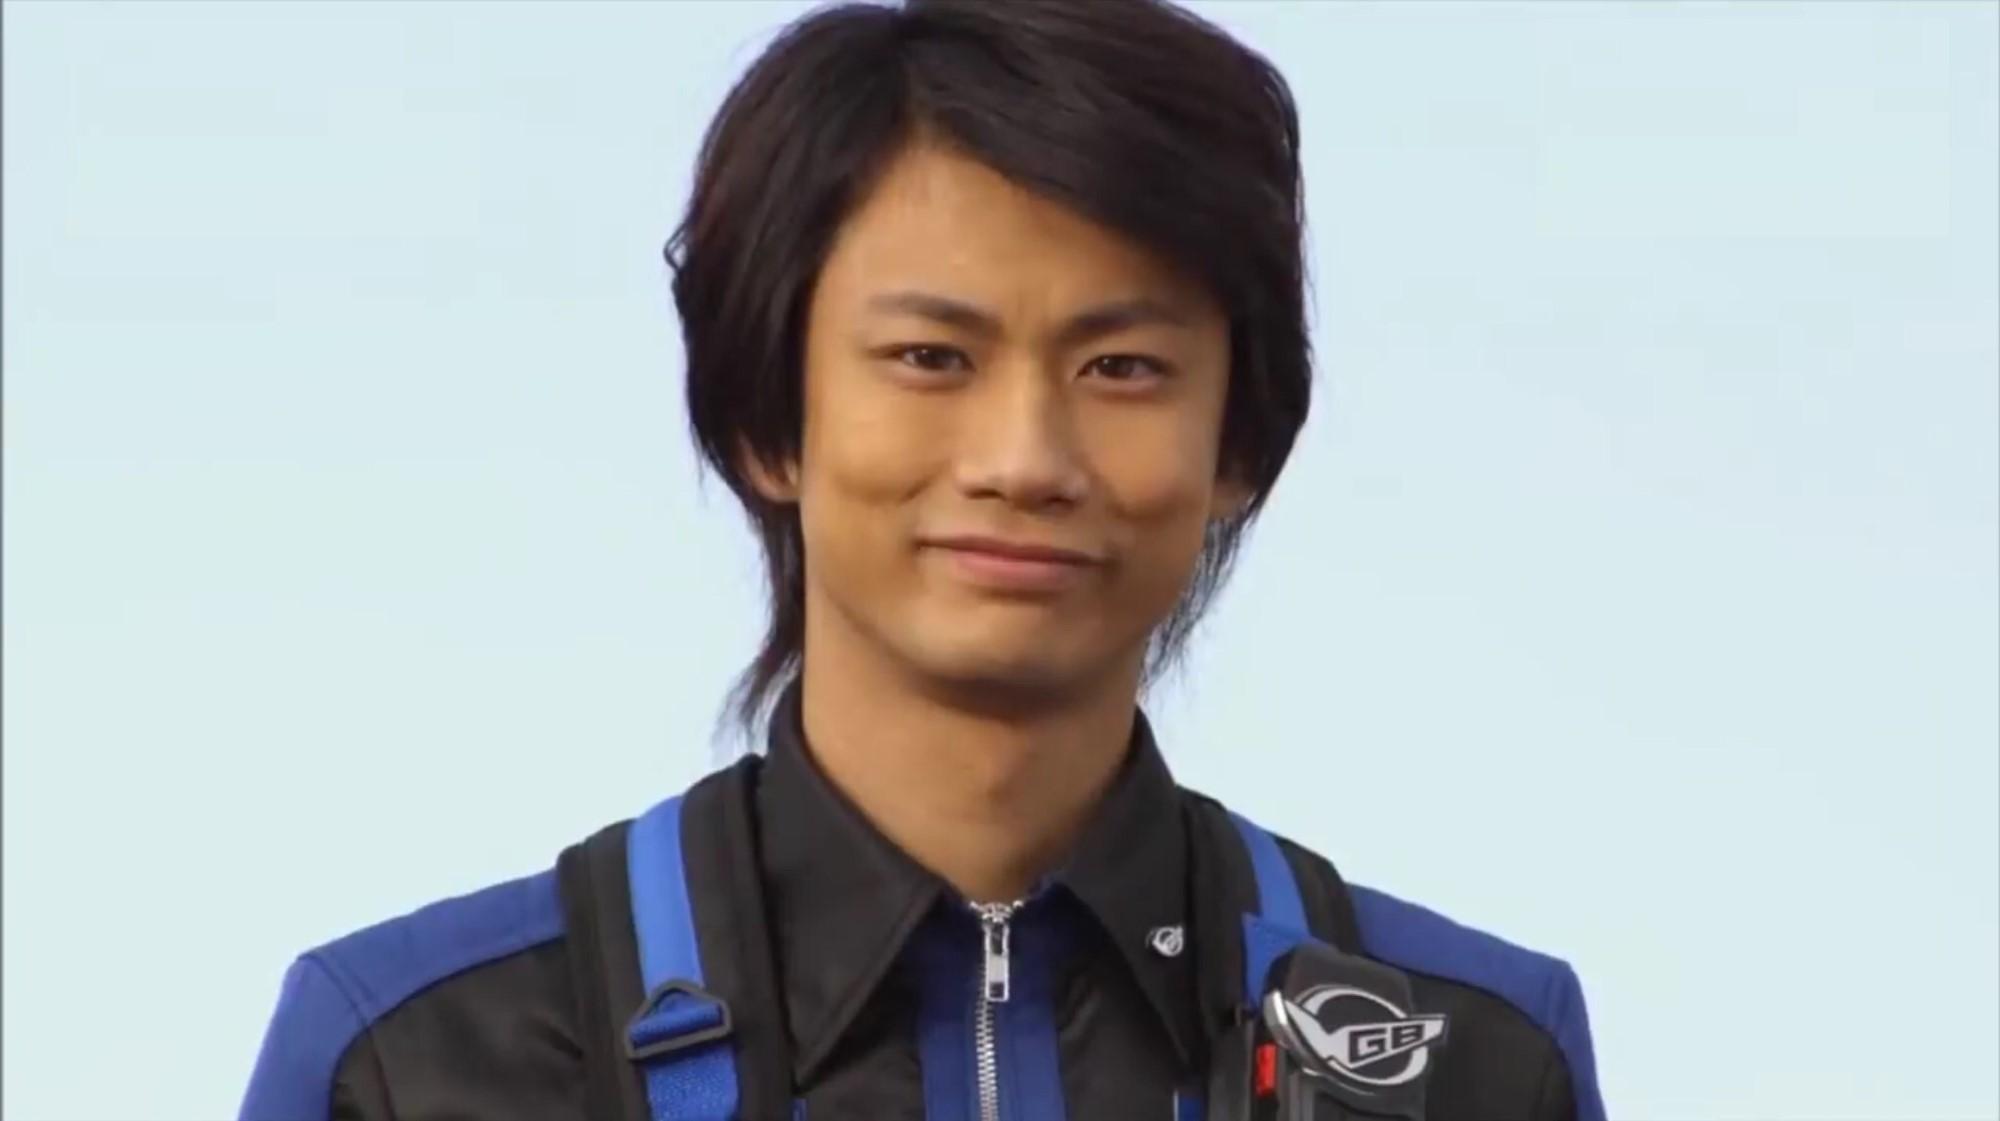 Ryuji Iwasaki